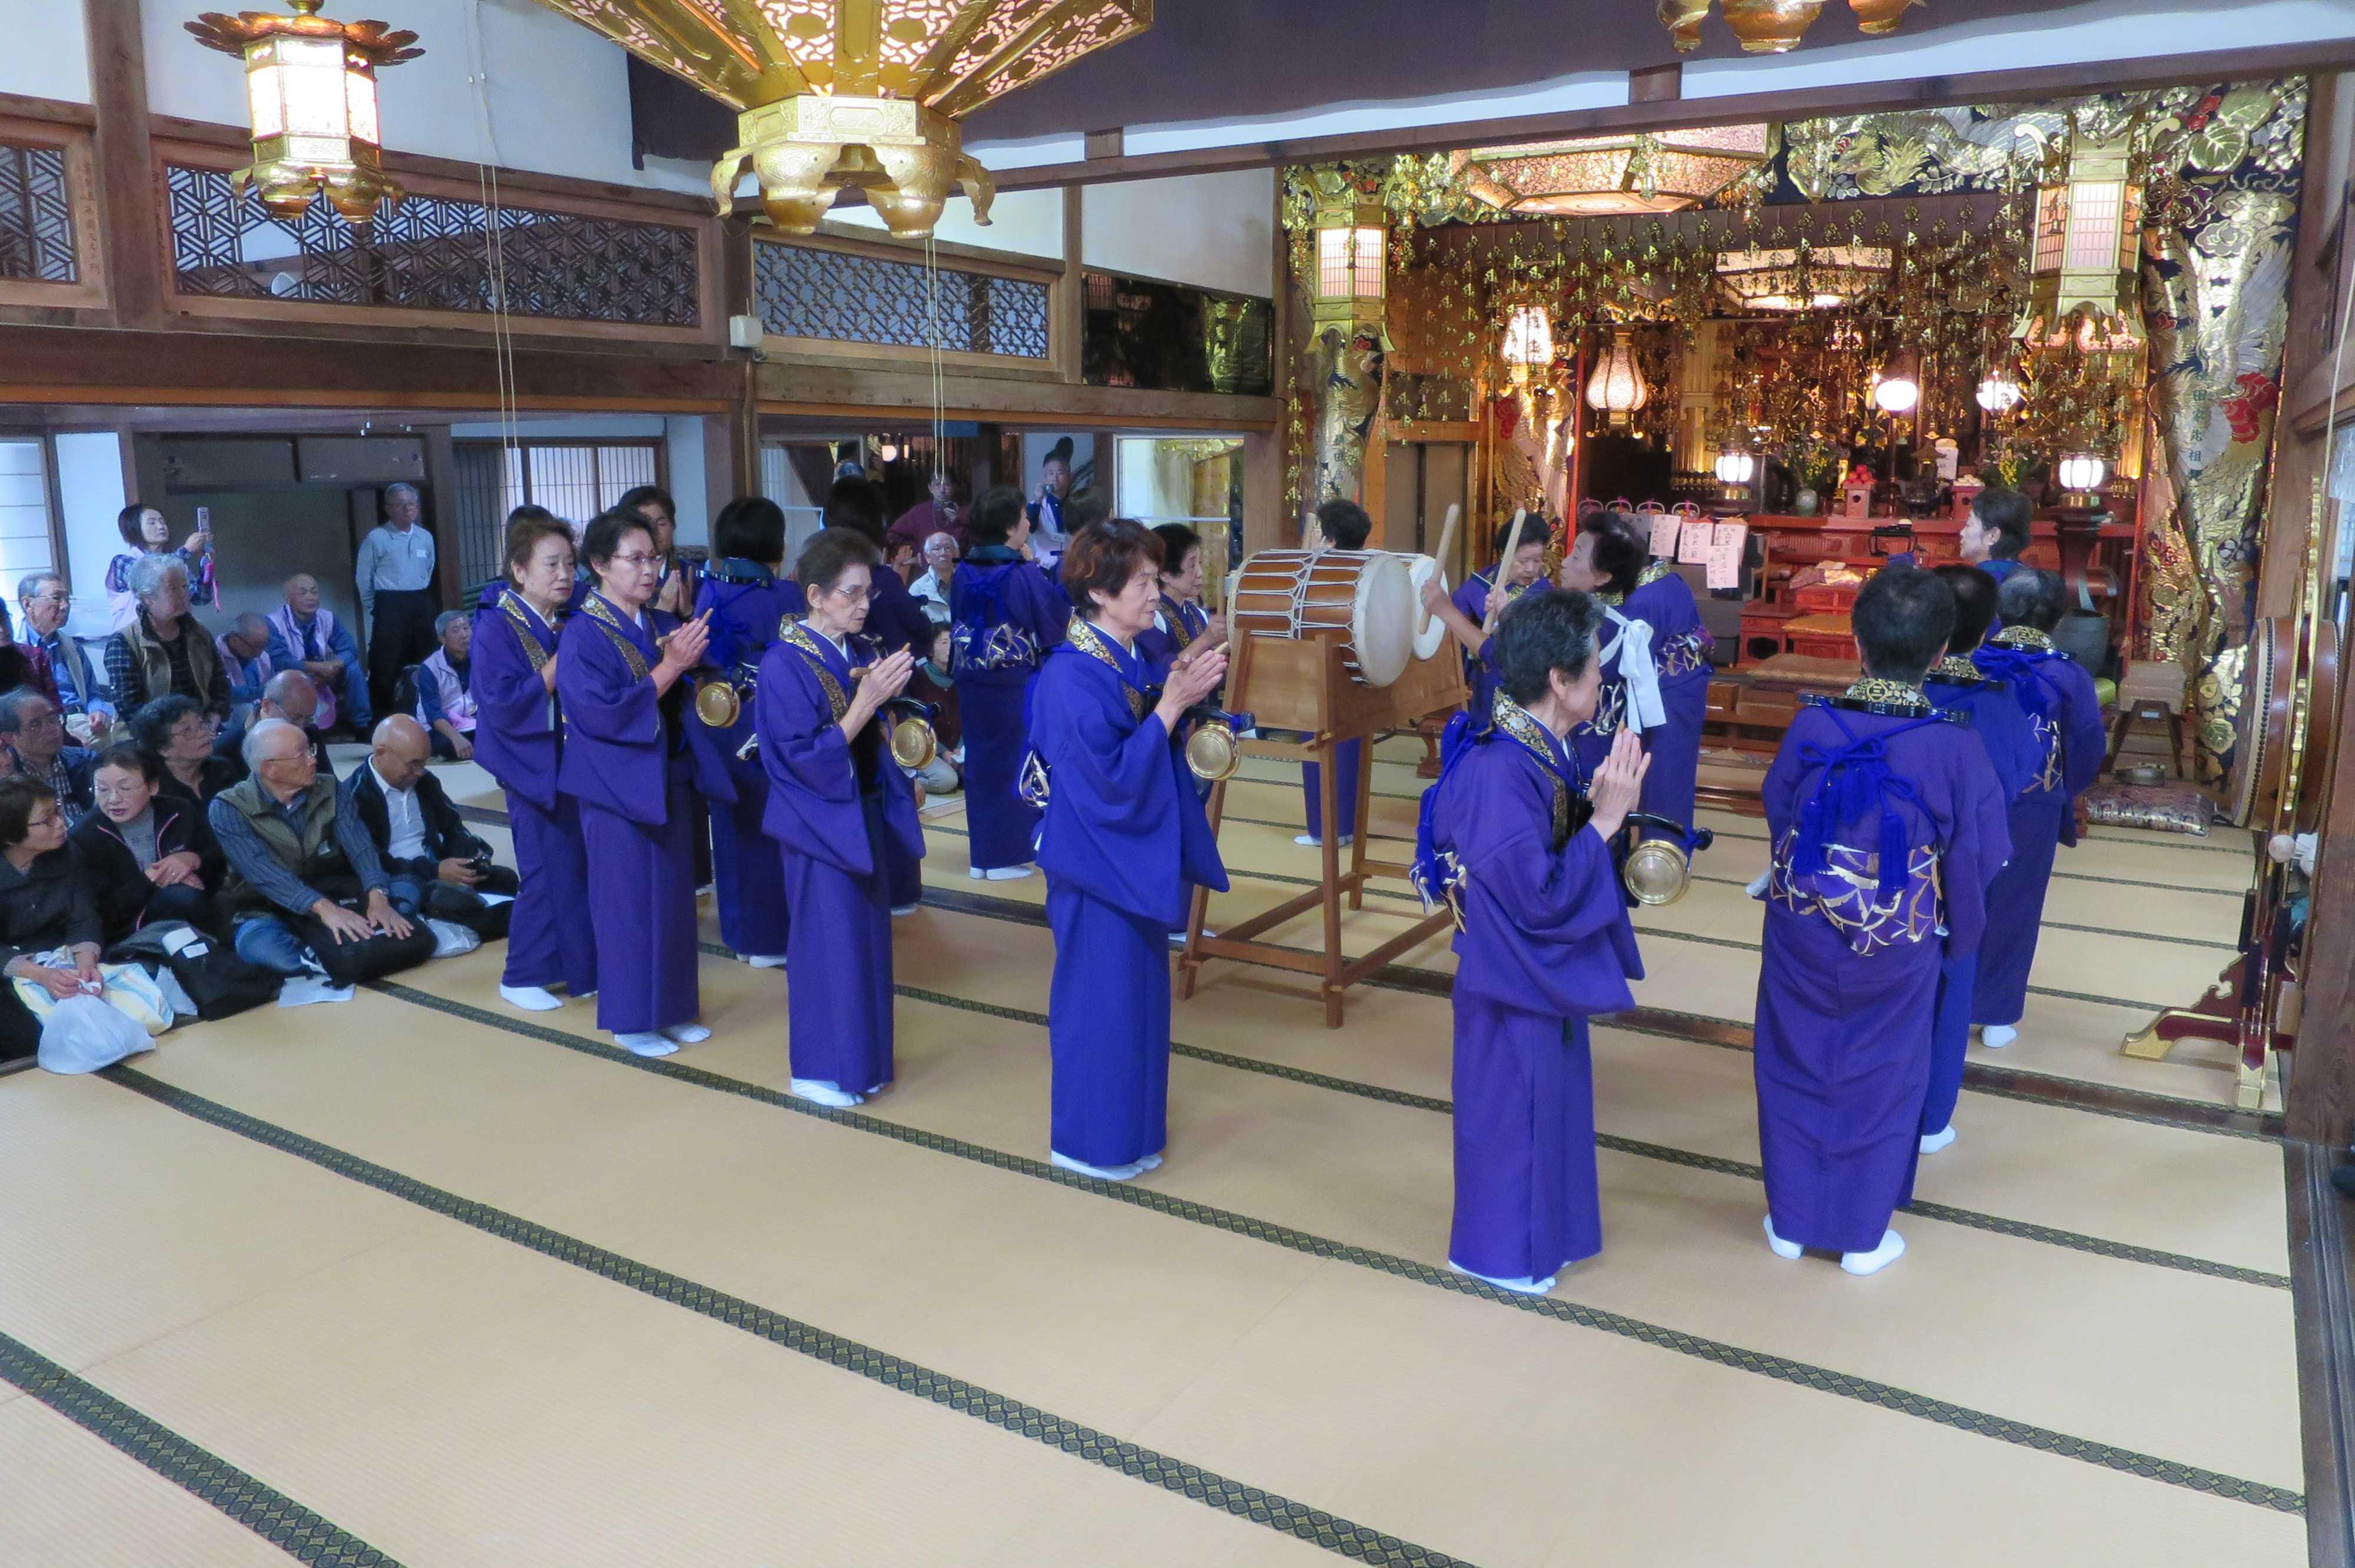 踊り念仏 - 神奈川県 無量光寺